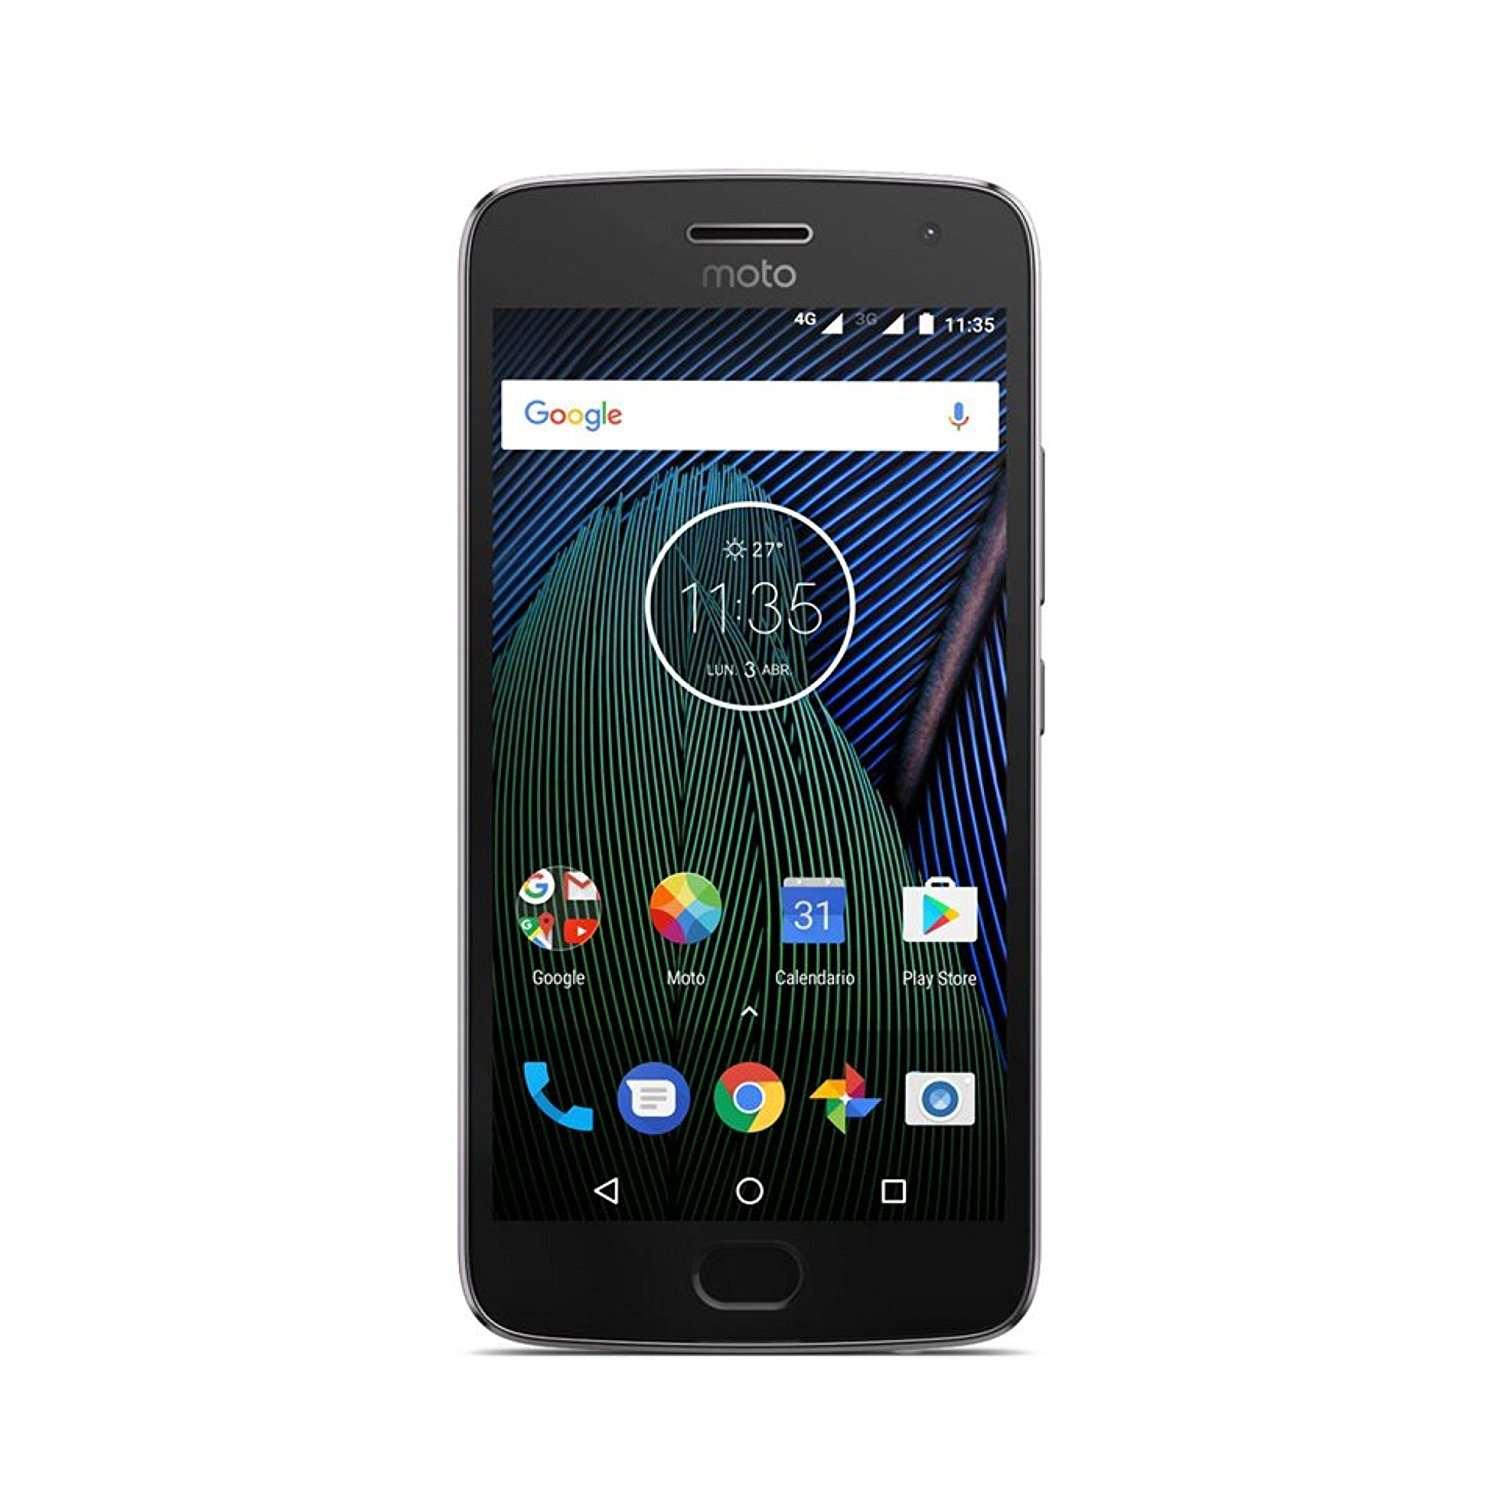 Migliori smartphone – Motorola Moto G5 Plus vs Huawei P9 Lite: hardware e dettagli con foto!